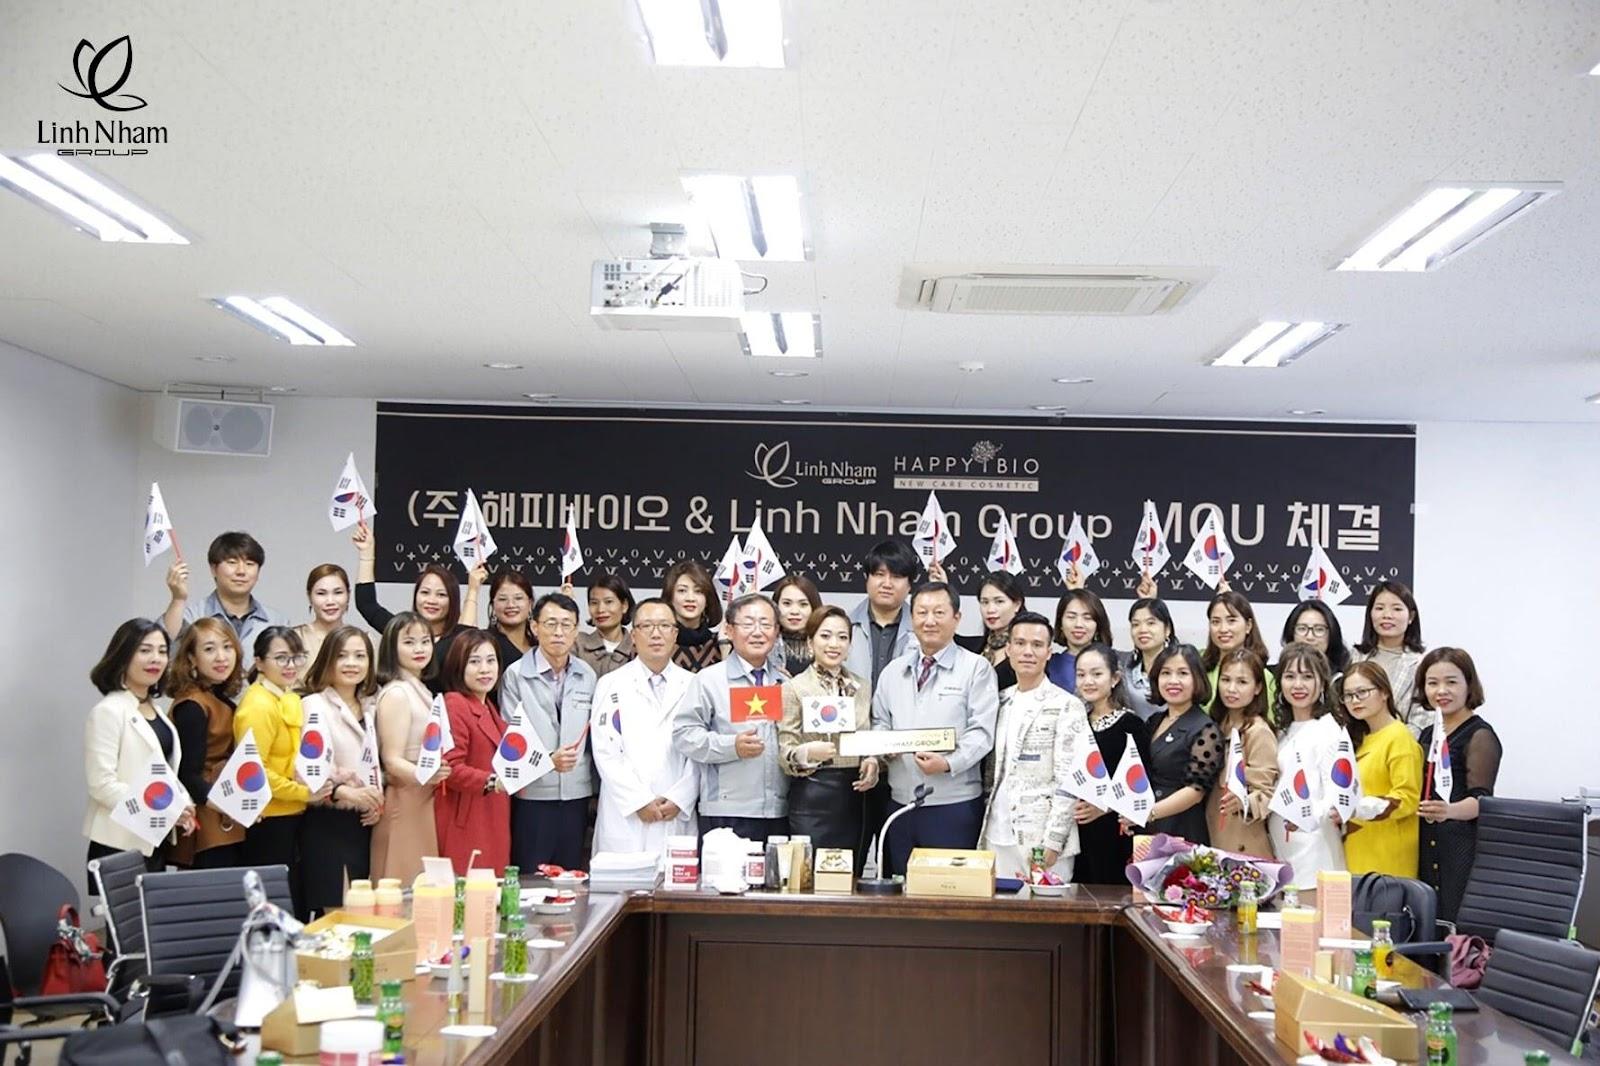 Linh Nham Group ký kết hợp tác với Viện thẩm mỹ quốc tế Han Beauty - Ảnh 4